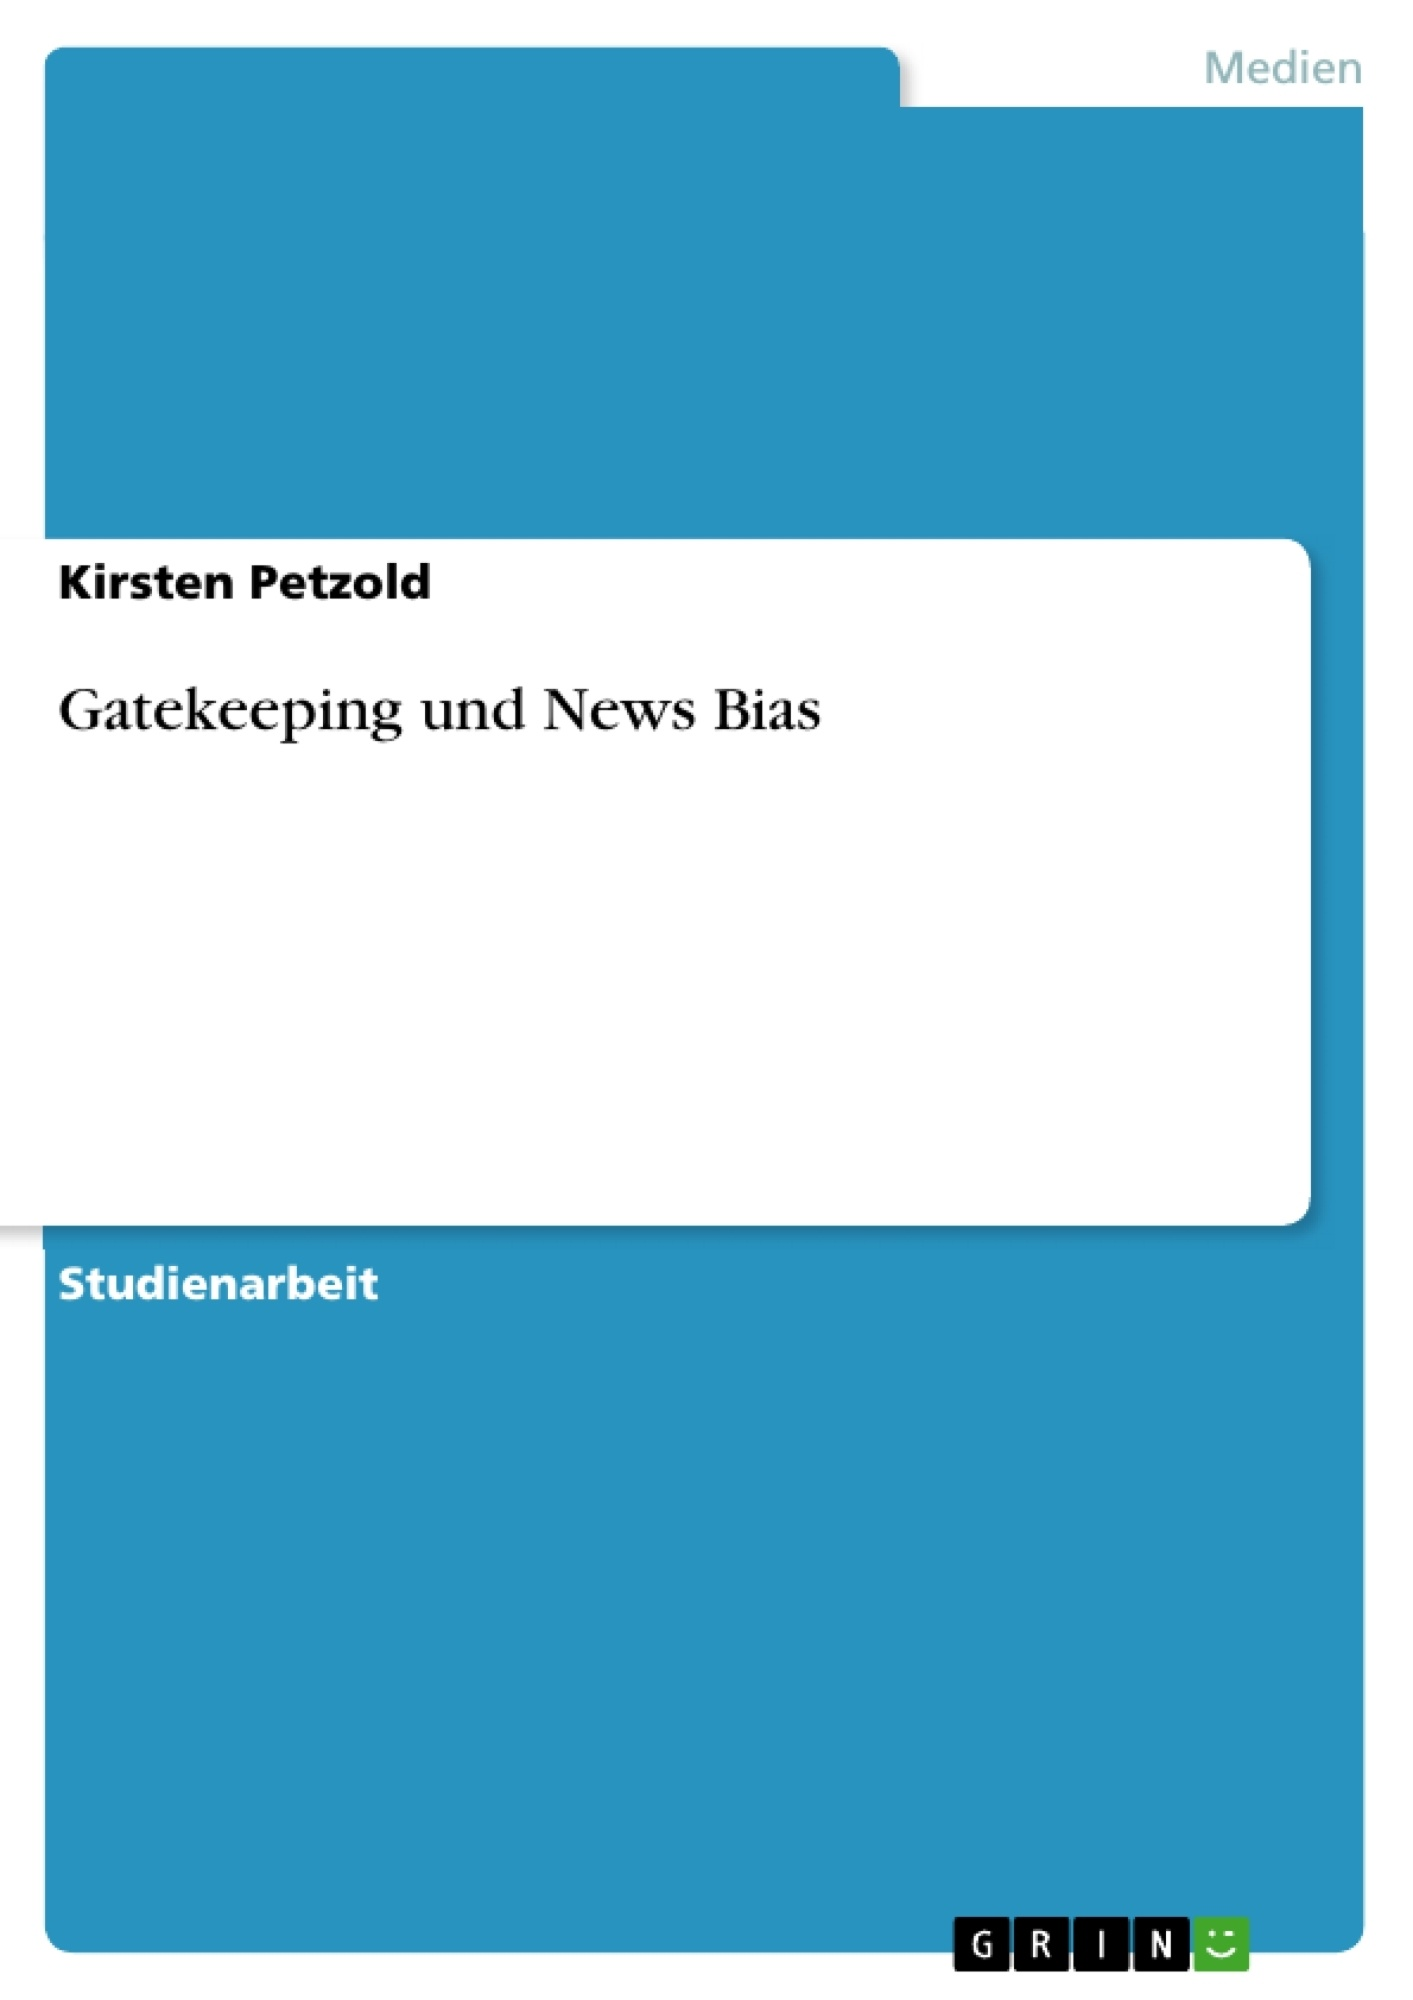 Titel: Gatekeeping und News Bias